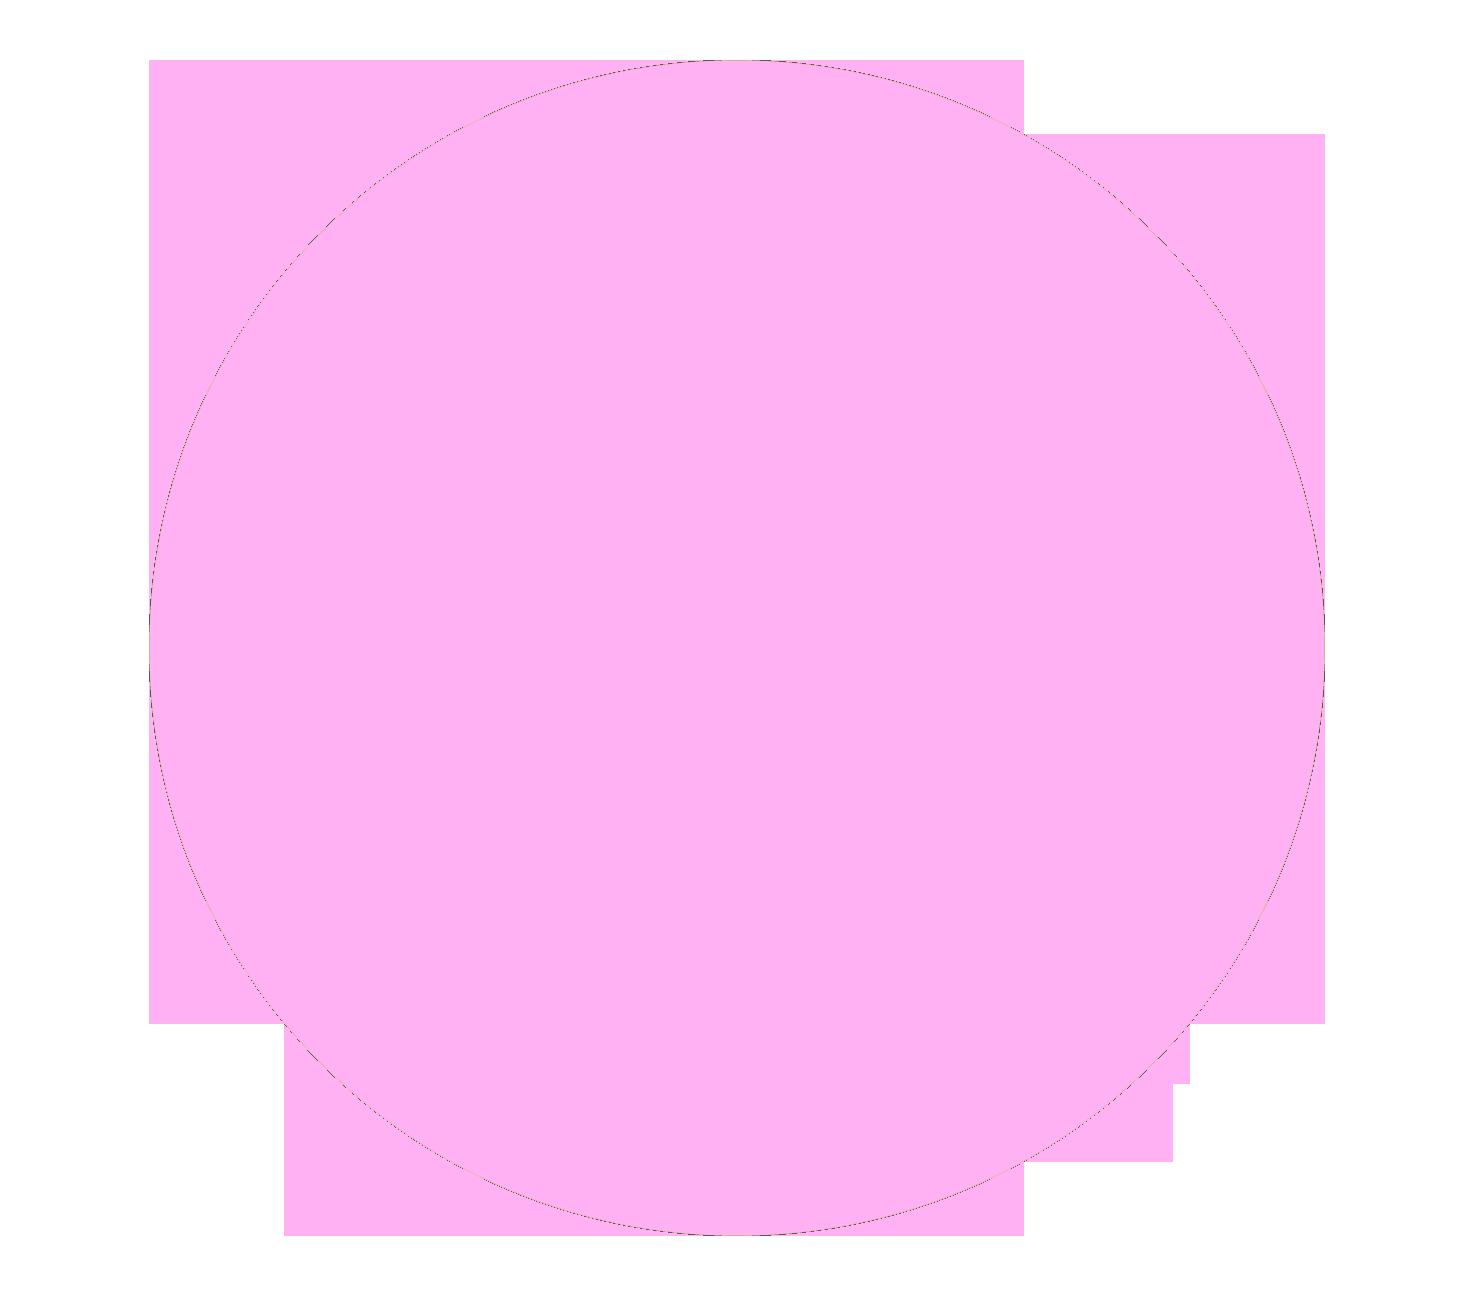 200 MM CIRCLE